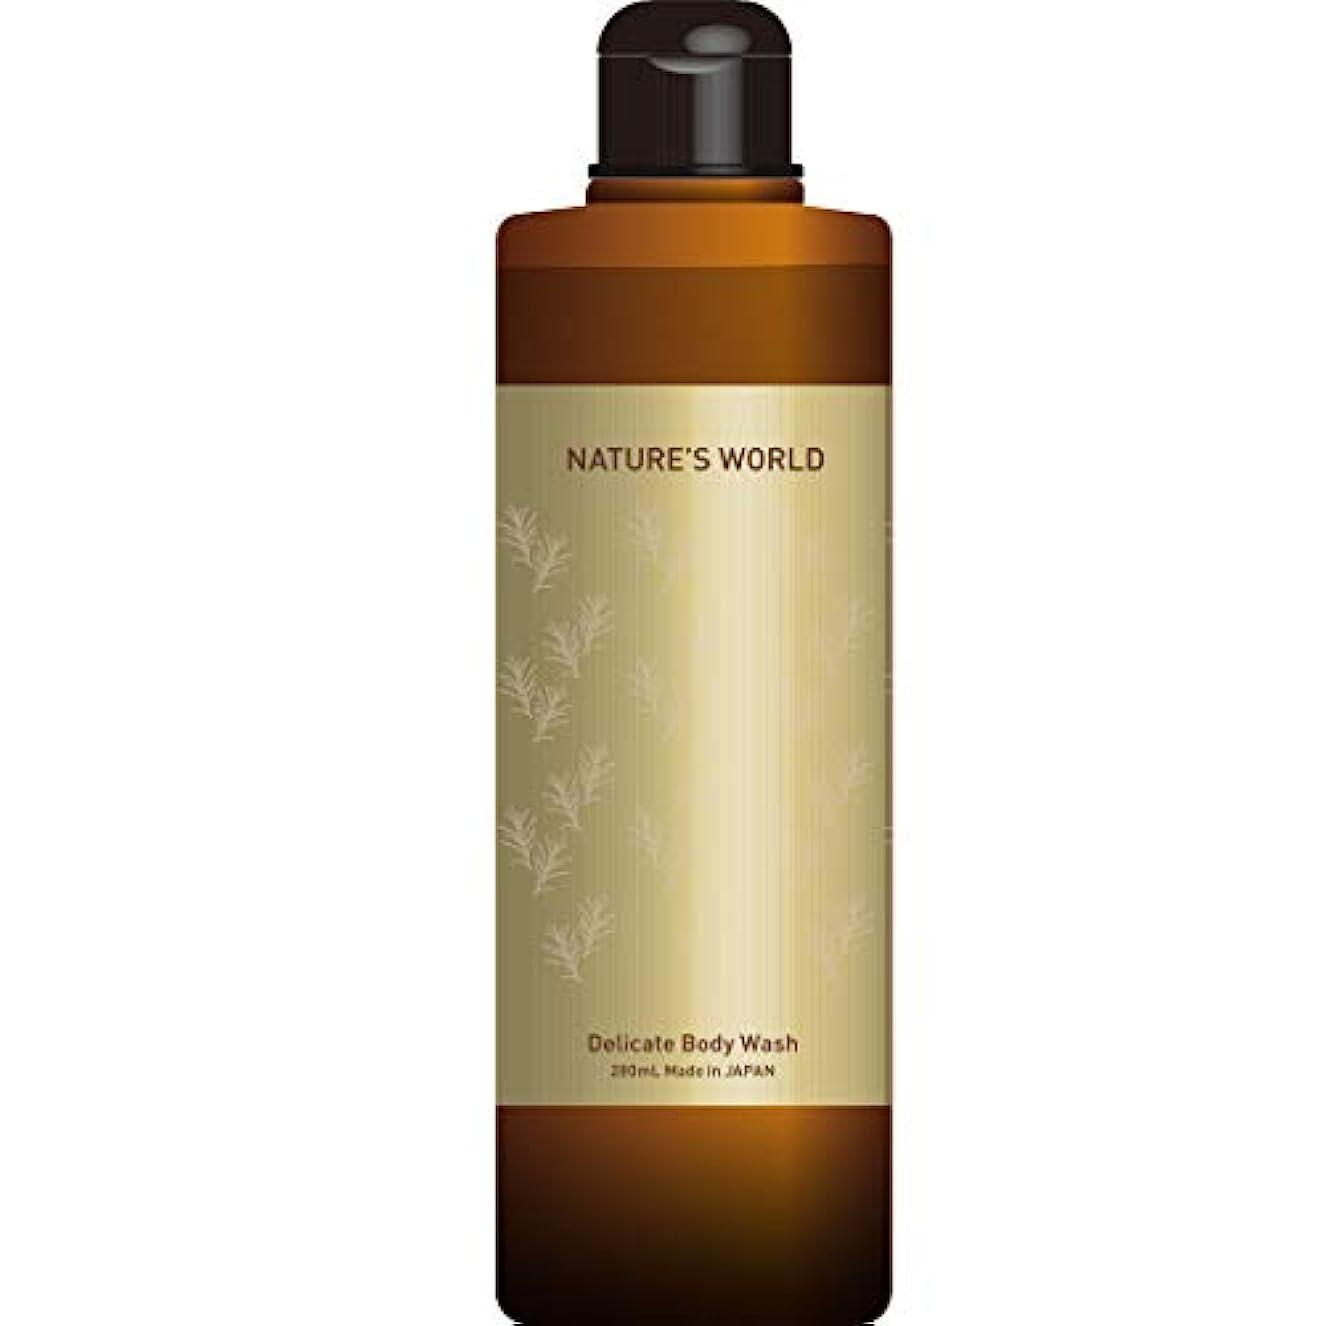 複雑統合する混乱したNATURE'S WORLD(ネイチャーズワールド) Nature's World デリケートボディソープ シトラスフローラルの香り 280ml